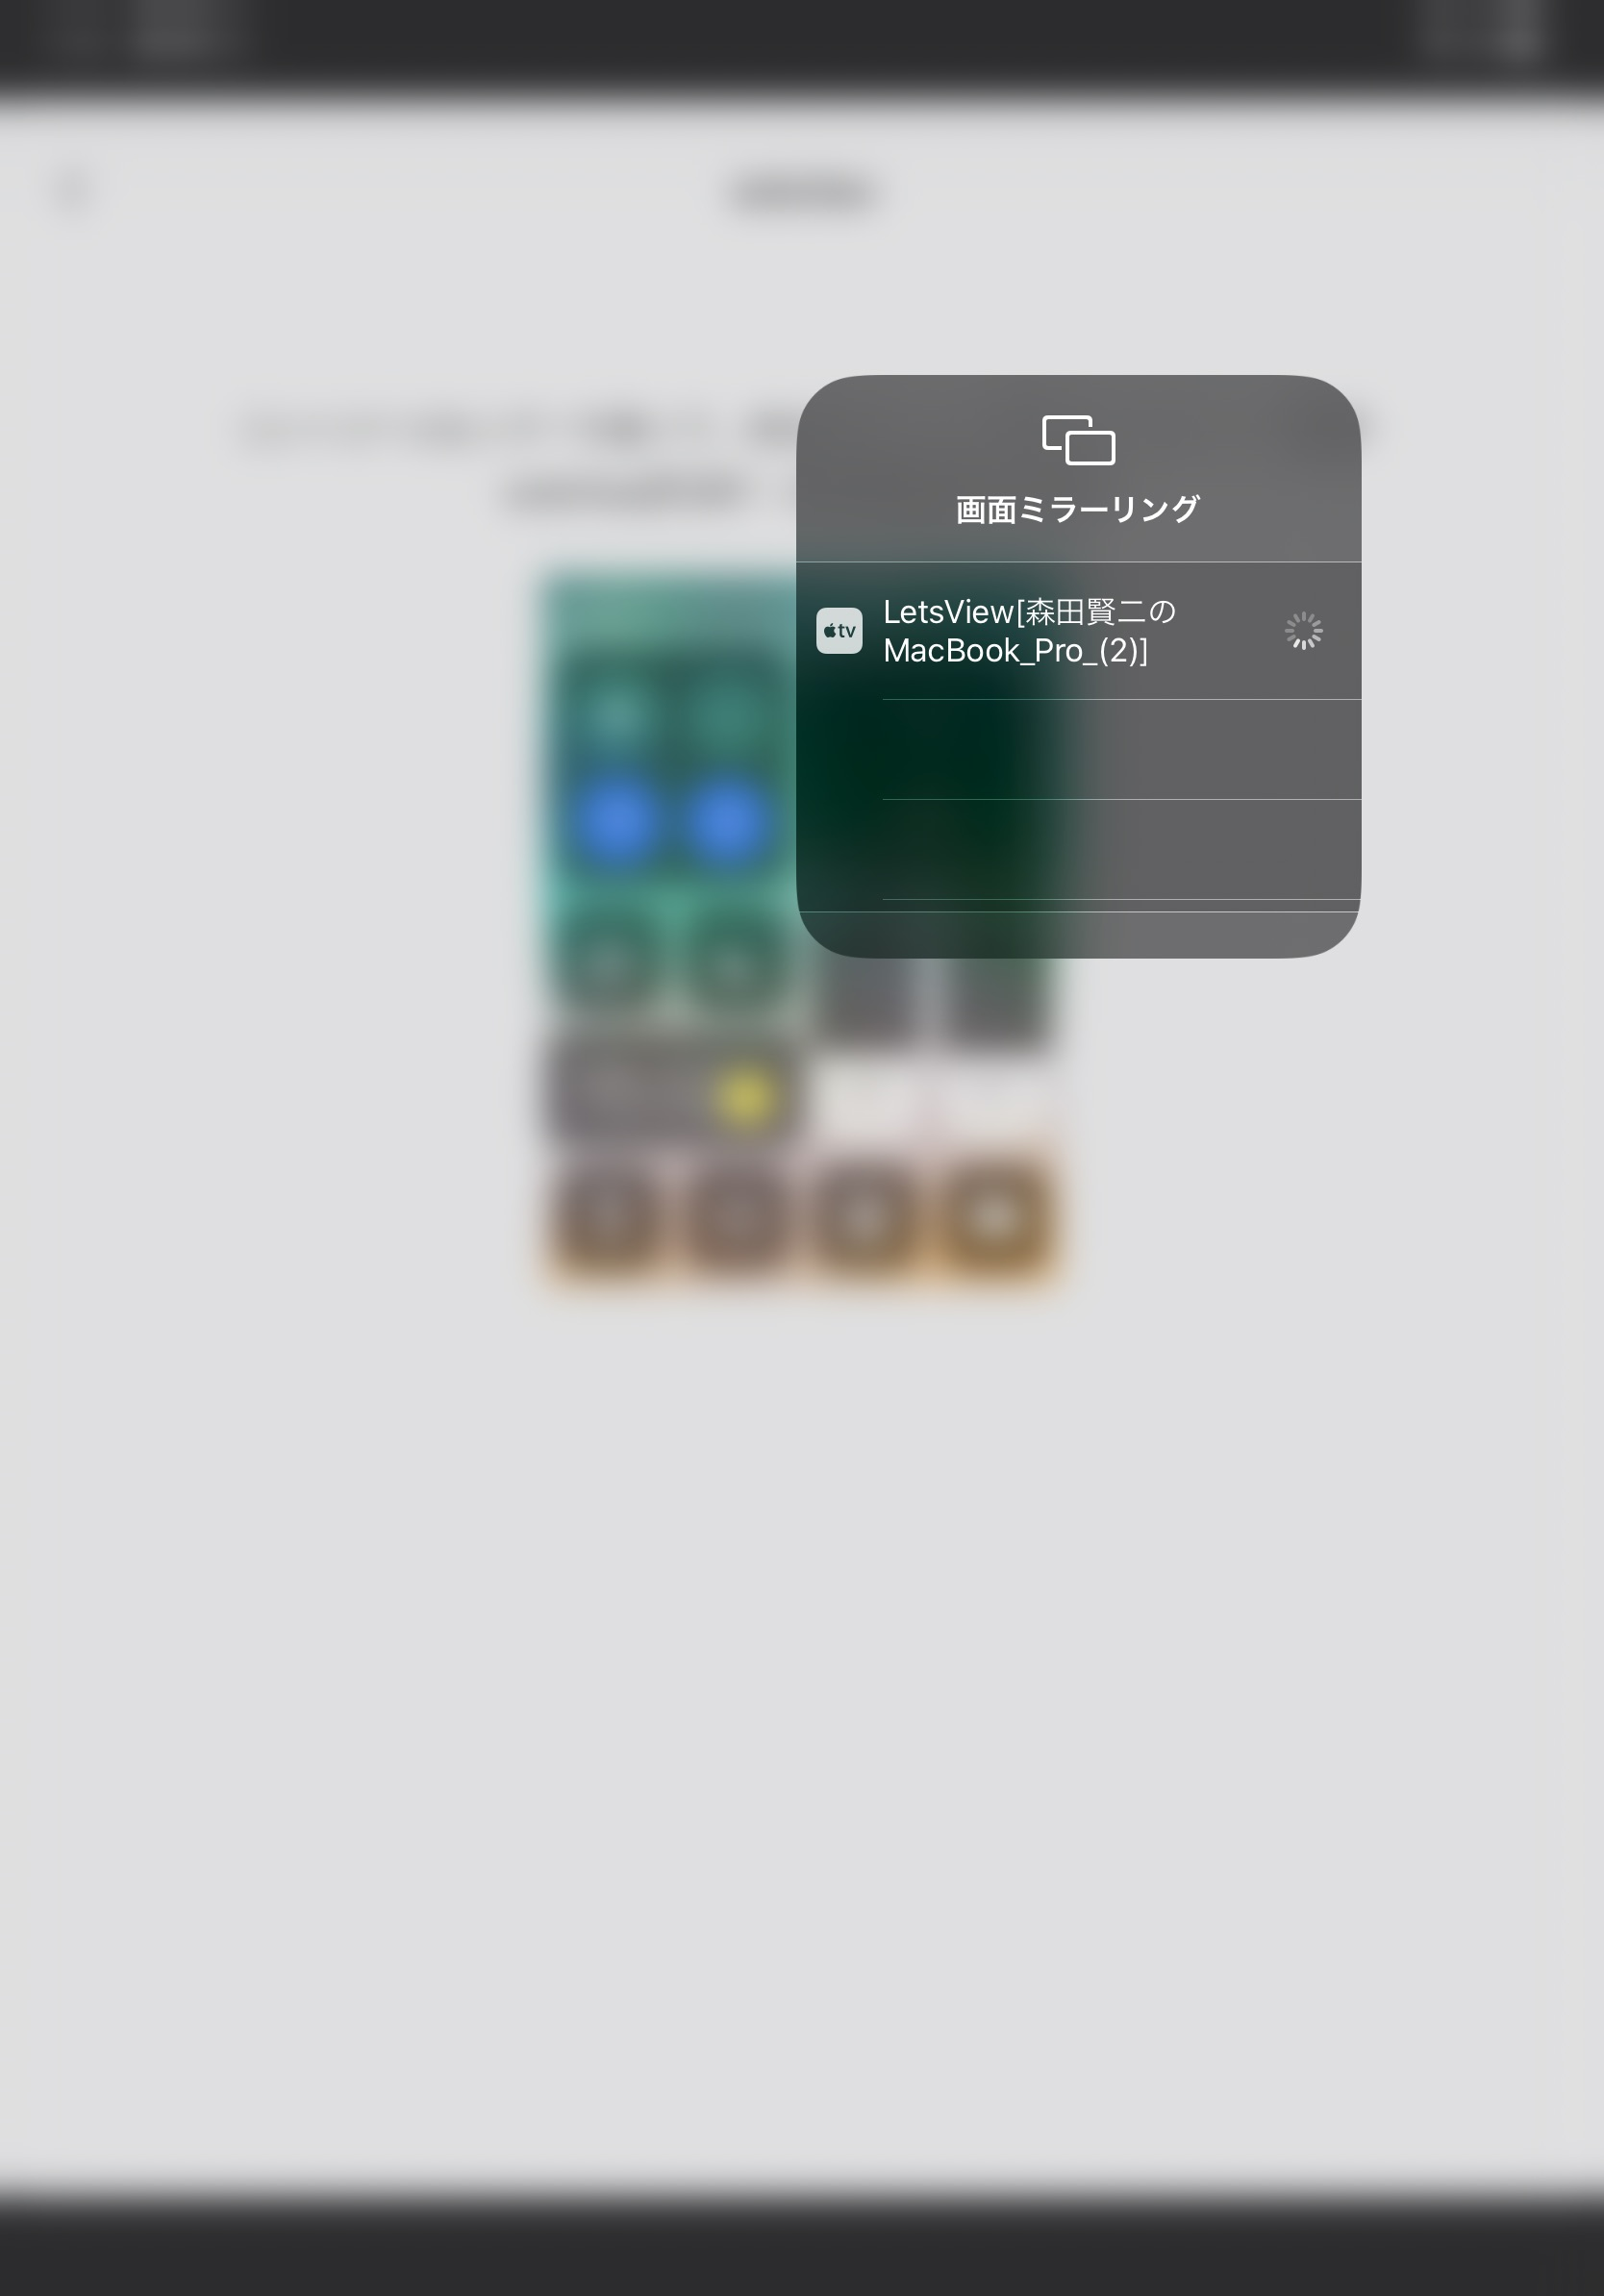 接続する【解決!】iPad(Pro)の画面をMacBookProに映し出す(ミラーリングする)方法